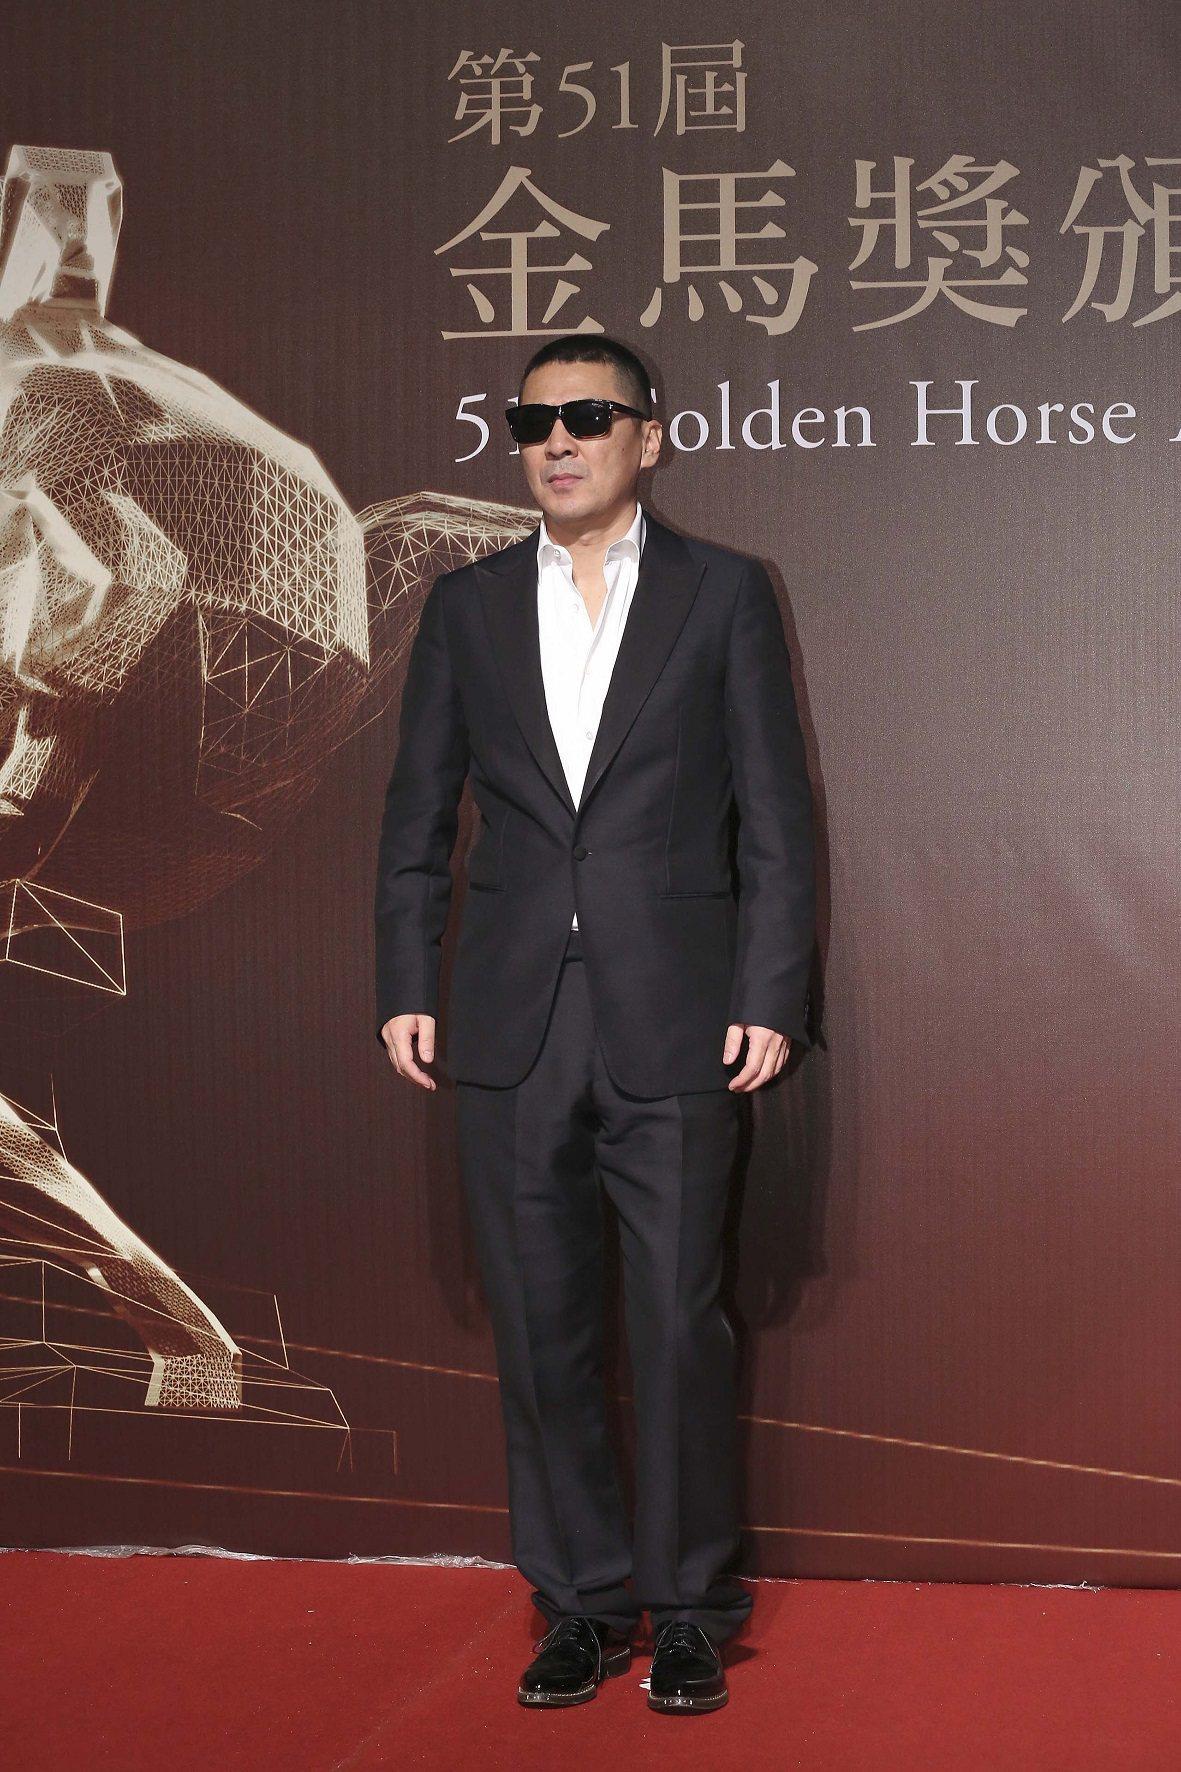 陳建斌配戴伯爵腕表,憑《一個勺子》勇奪金馬51最佳男主角和最佳新導演的獎項,並同...